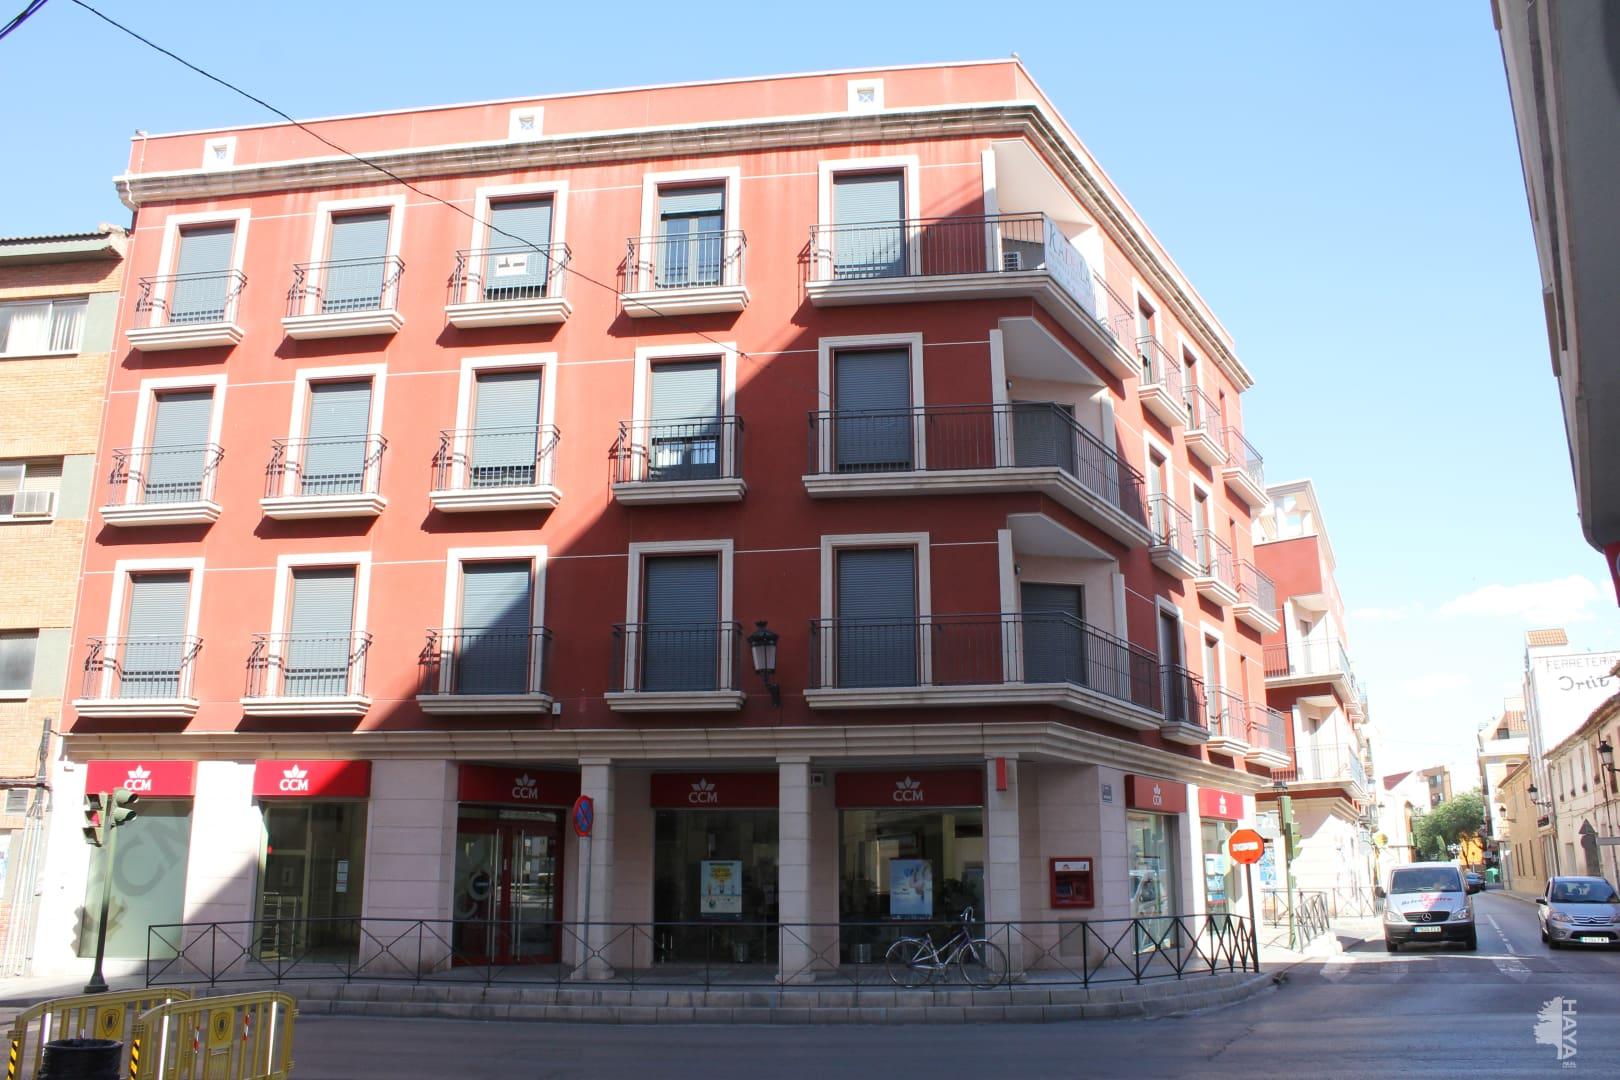 Local en venta en Tomelloso, Ciudad Real, Calle Juan Pablo Ii, 220.000 €, 626 m2